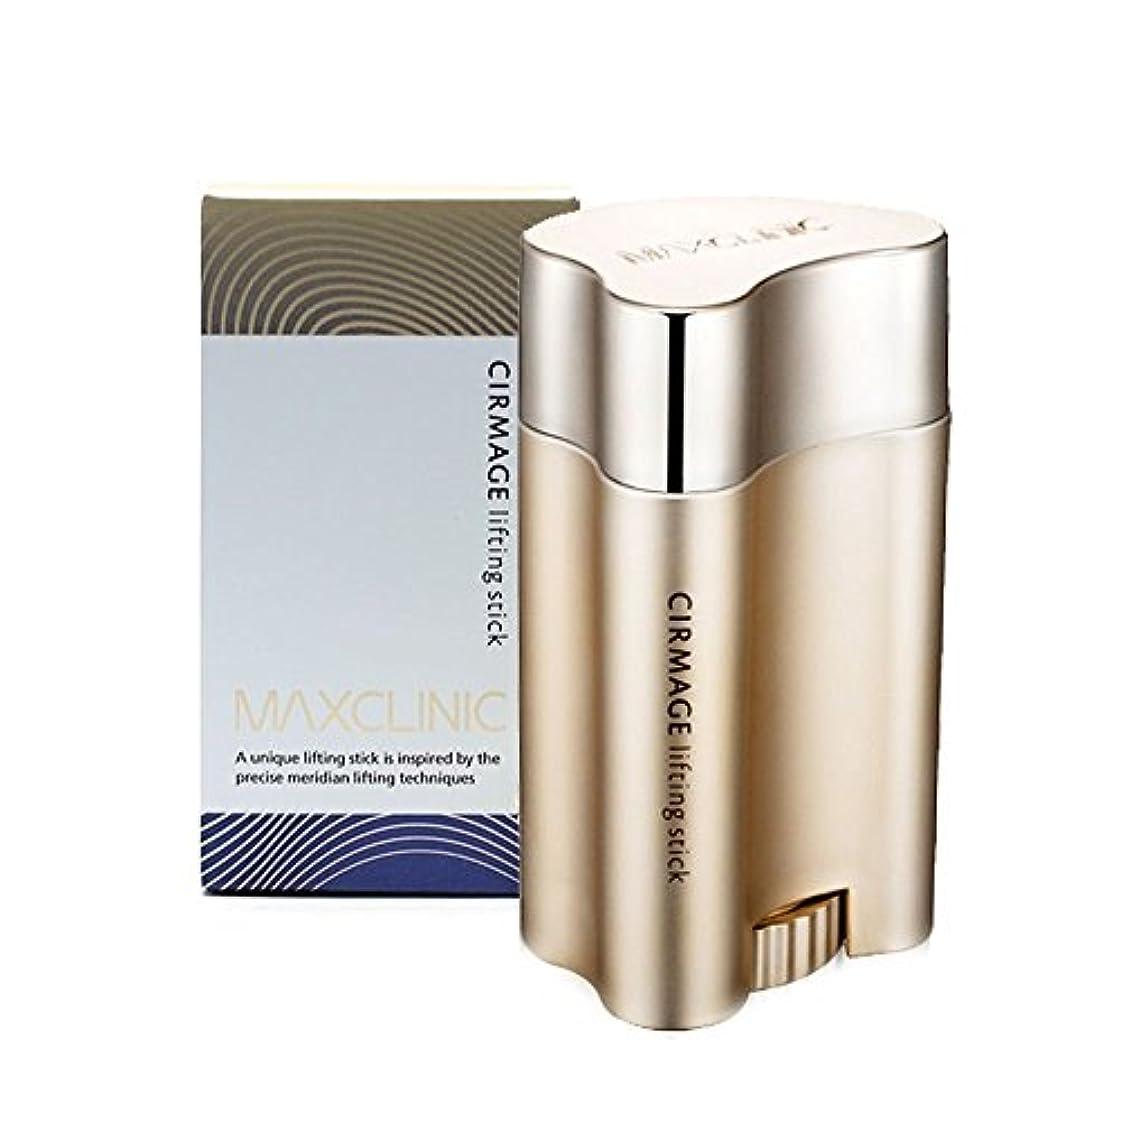 乗り出すマーカー誓約MAXCLINIC マックスクリニック サーメージ リフティング スティック 23g(Cirmage Lifting Stick 23g)/Direct from Korea/w free Gift Sample [並行輸入品]